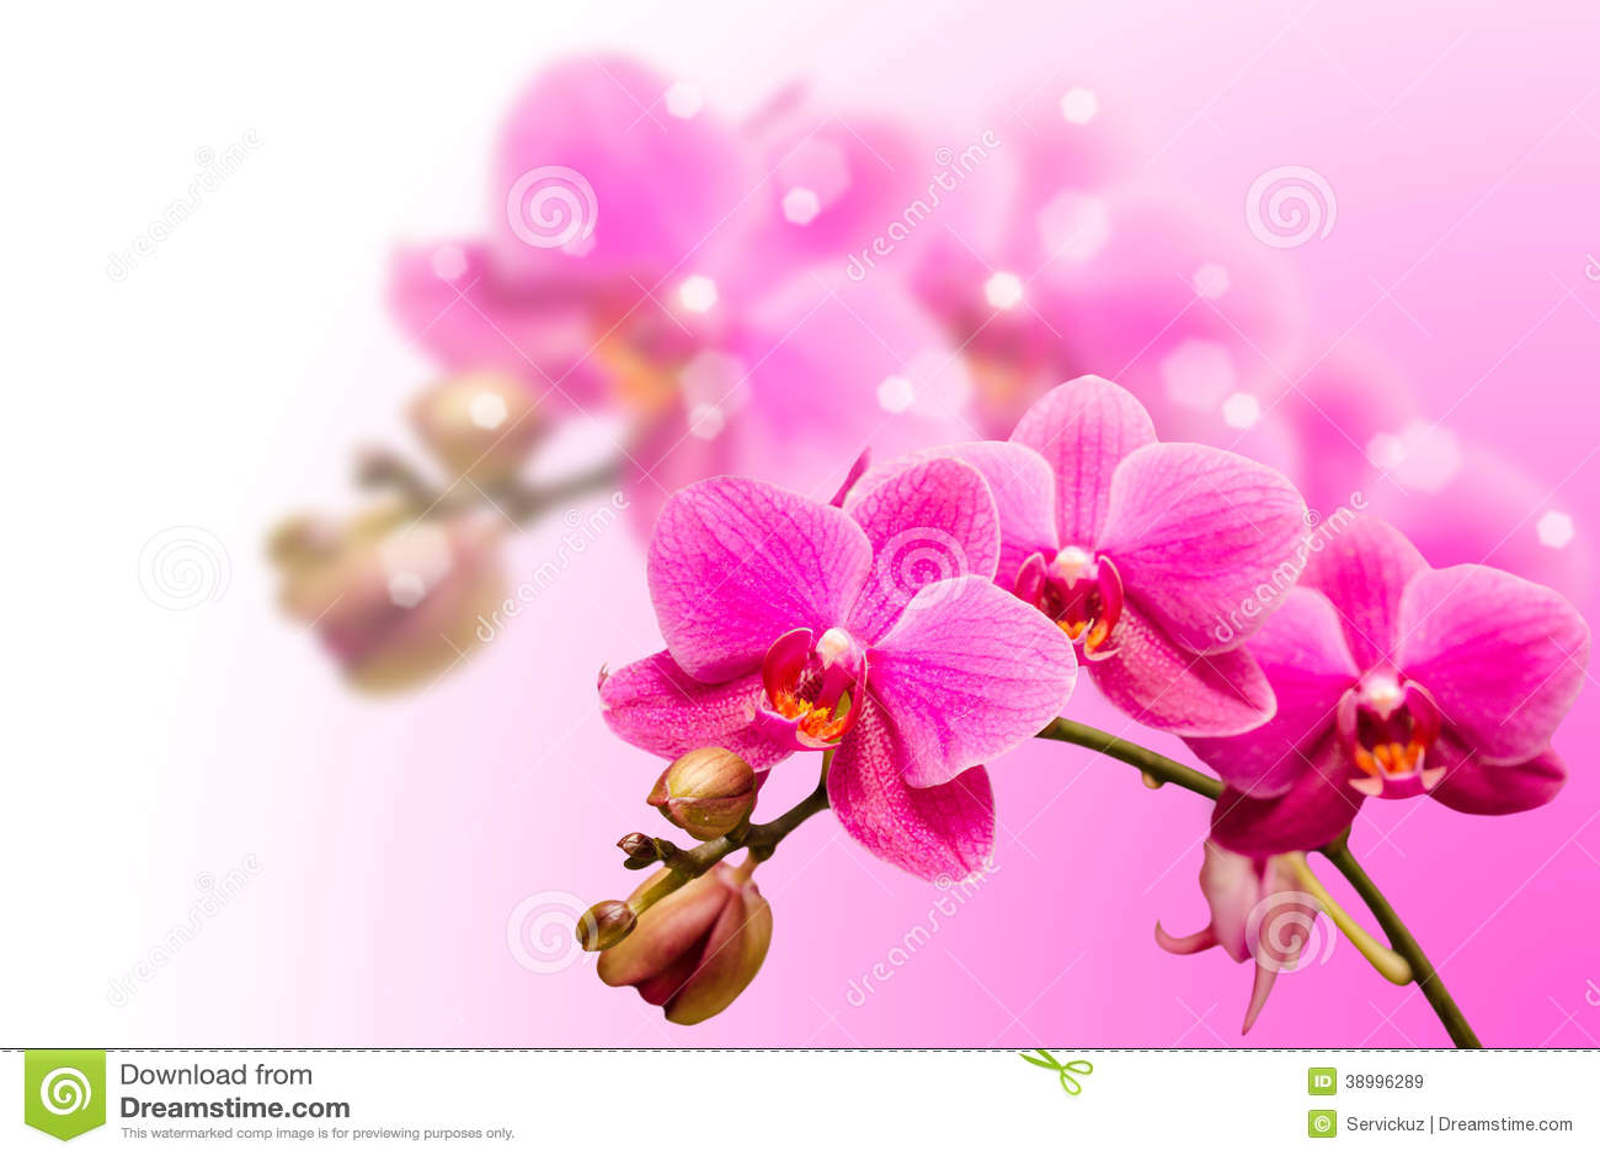 belle fleur pourpre romantique d 39 orchid e photo stock image 38996289. Black Bedroom Furniture Sets. Home Design Ideas